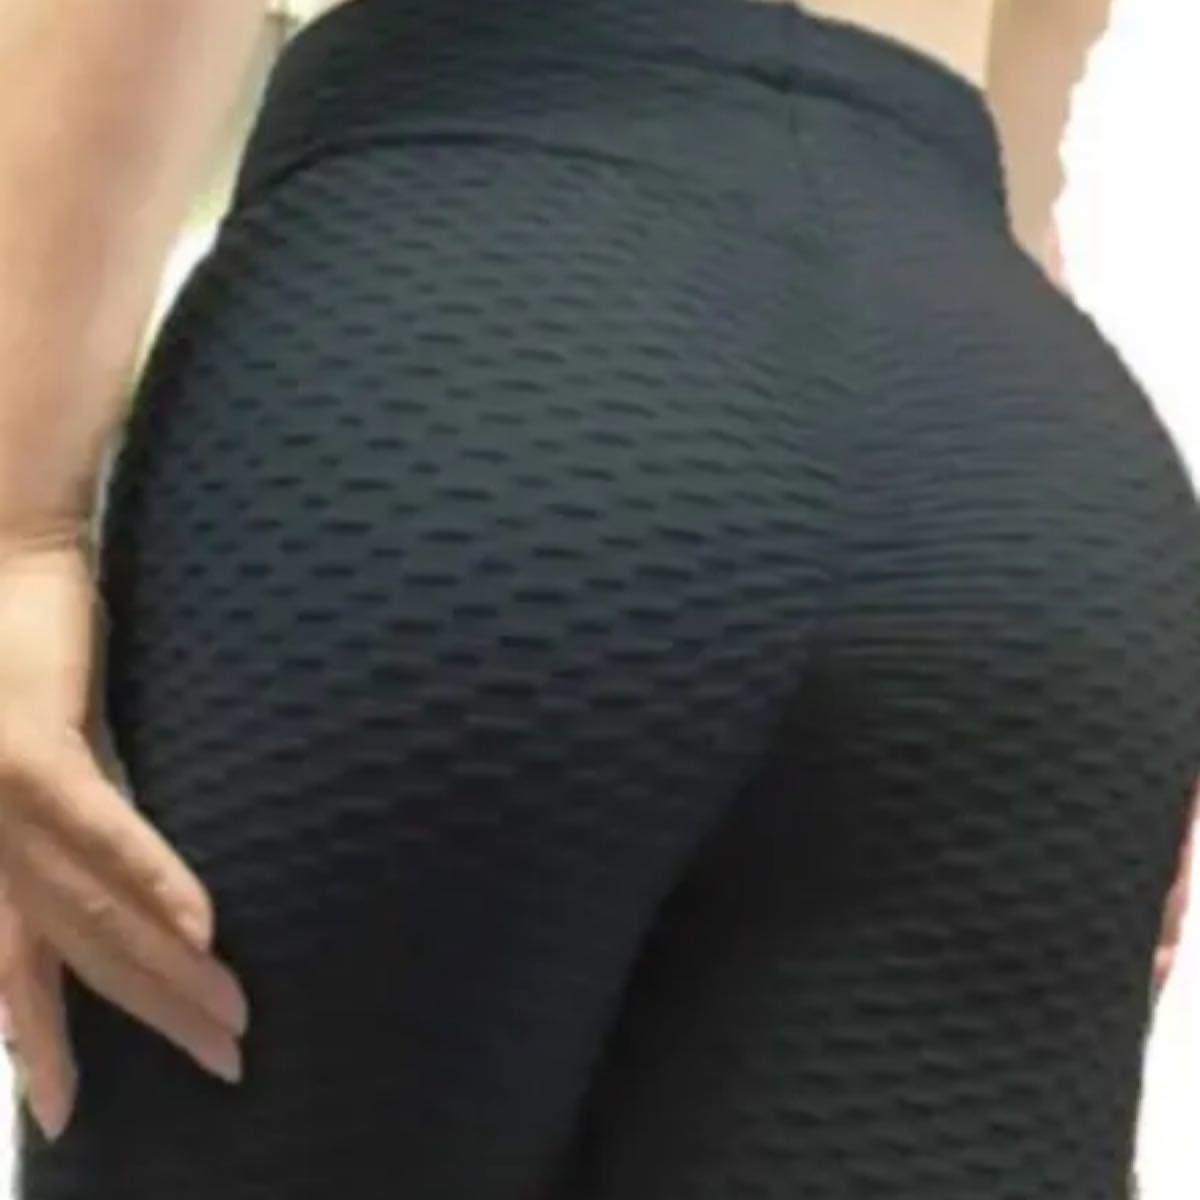 ヨガ ウェア レディース レギンス スポーツ 大きめ XL 黒 快適 美尻 やんわり着圧 即乾